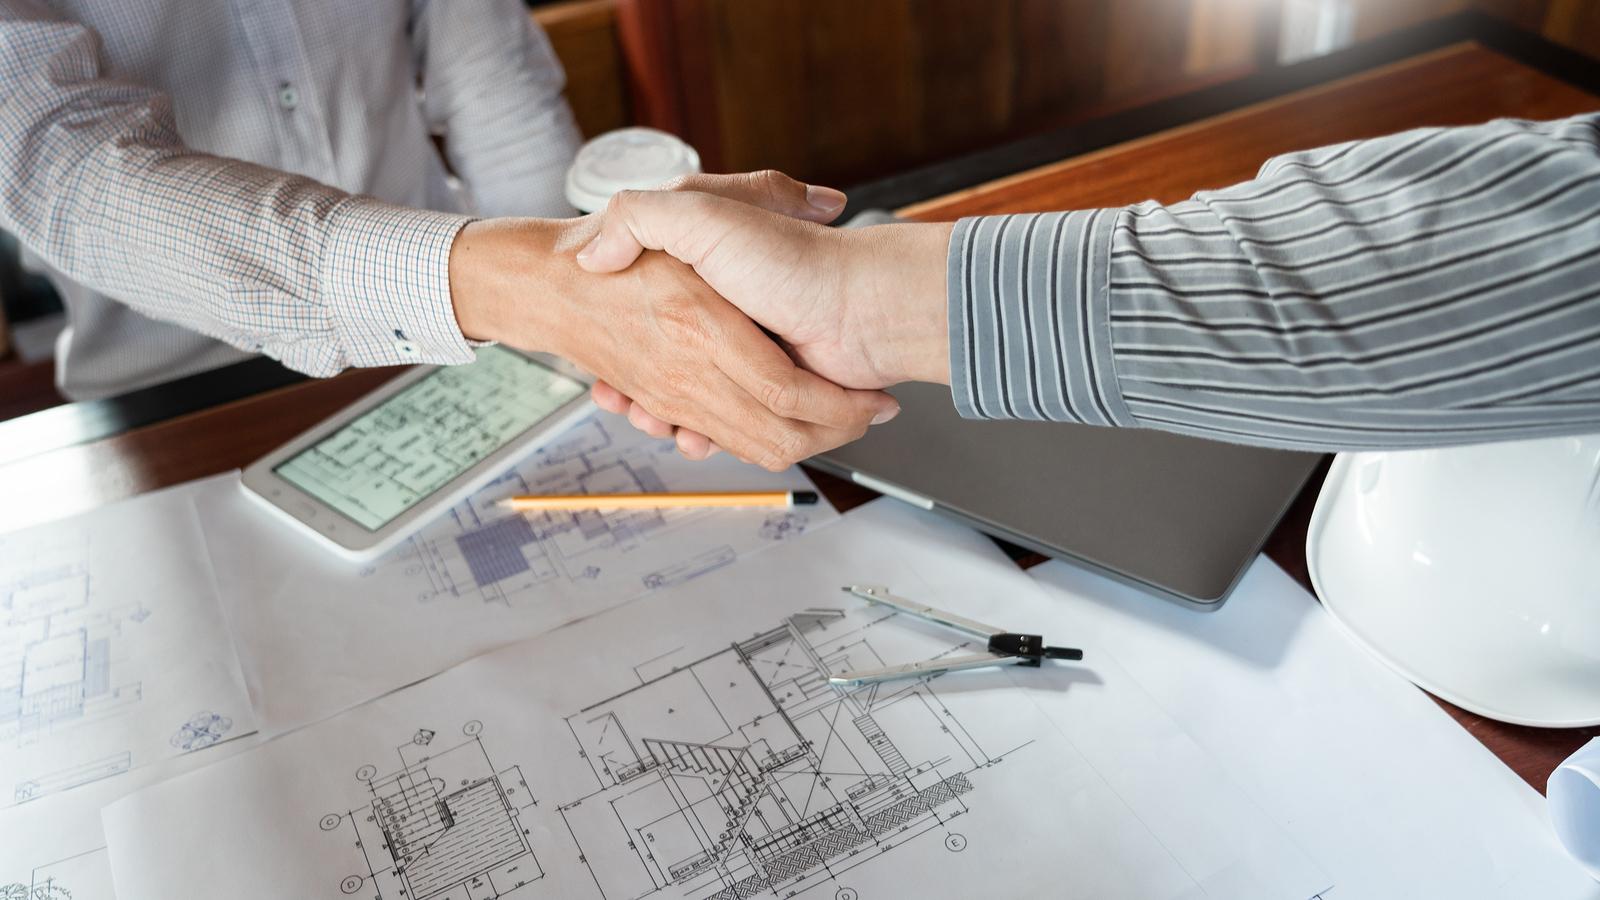 Cliente y contratista para la fabricación de estructuras metálicas dandose un apreton de manos.